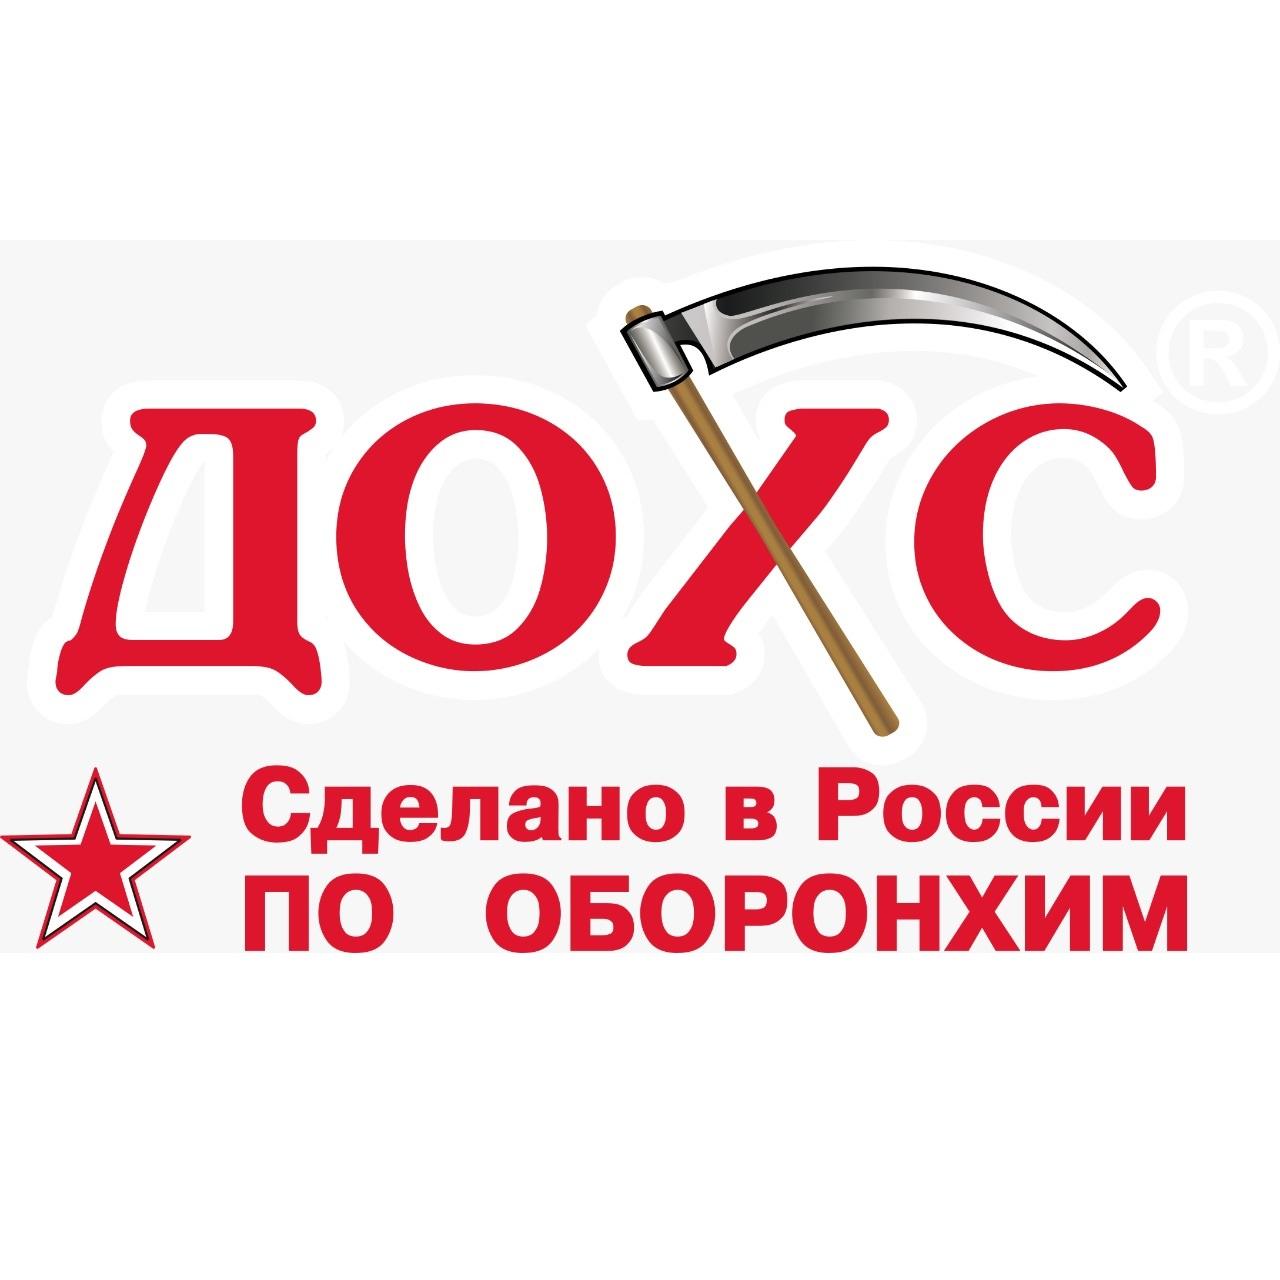 ДОХС.РУ – официальный интернет магазин средств борьбы с насекомыми и грызунами ПО ОБОРОНХИМ